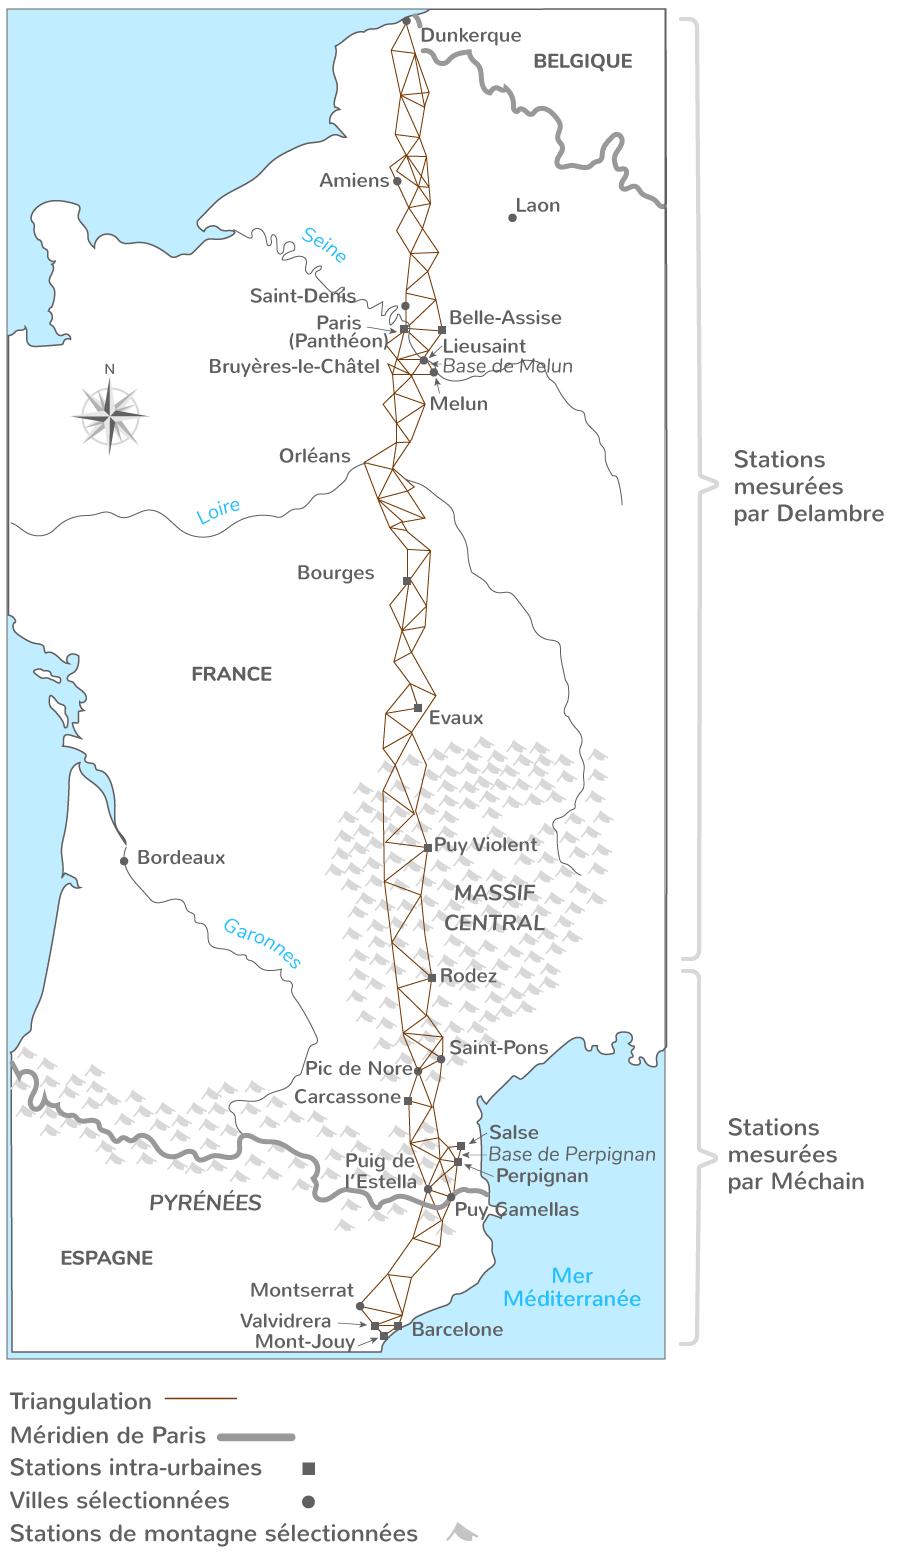 L'expérience de Méchain et Delambre reliant Dunkerque à Barcelone par des triangles